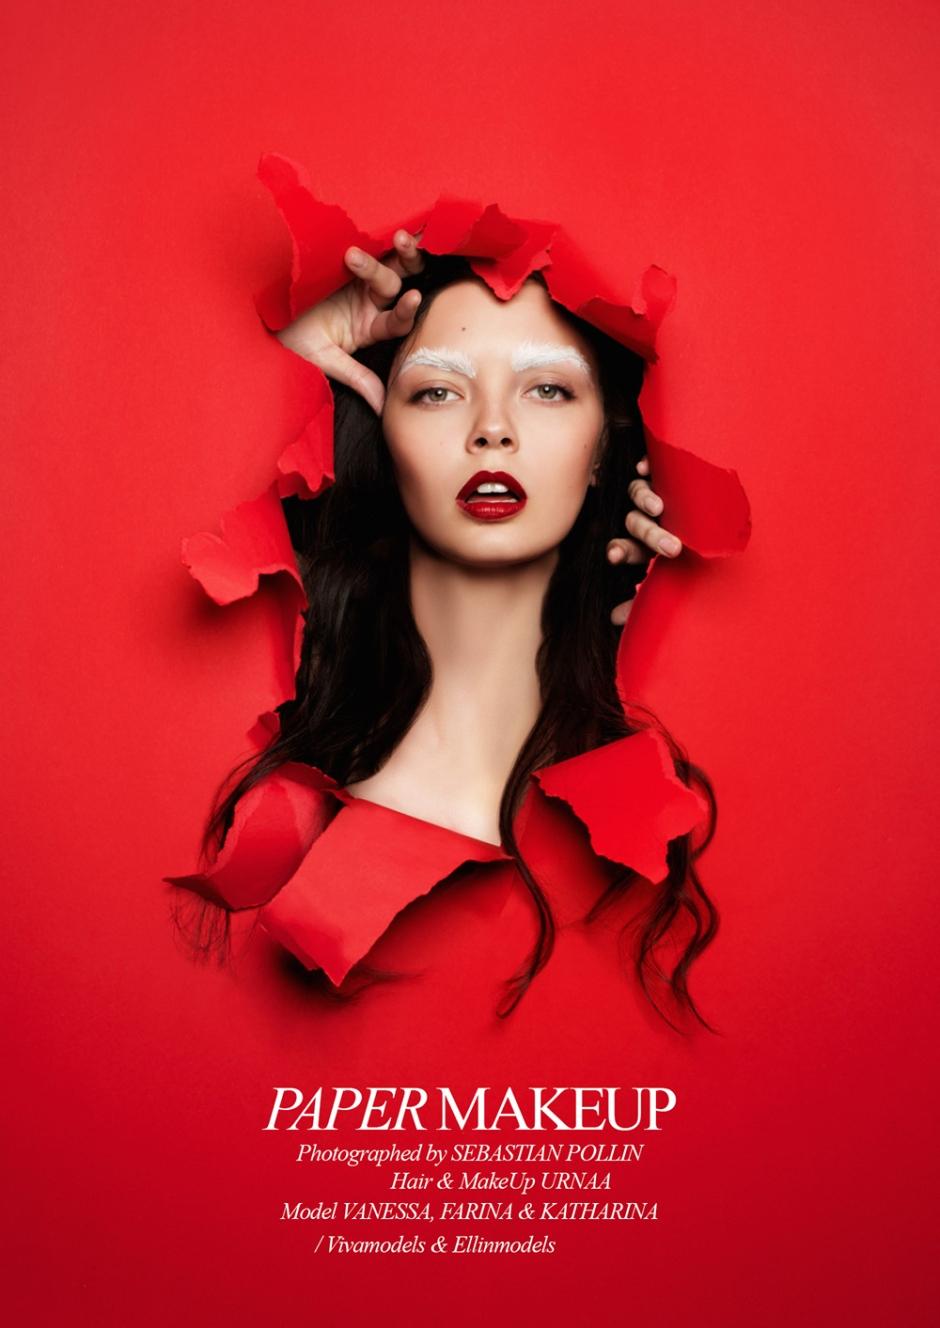 Paper Makeup